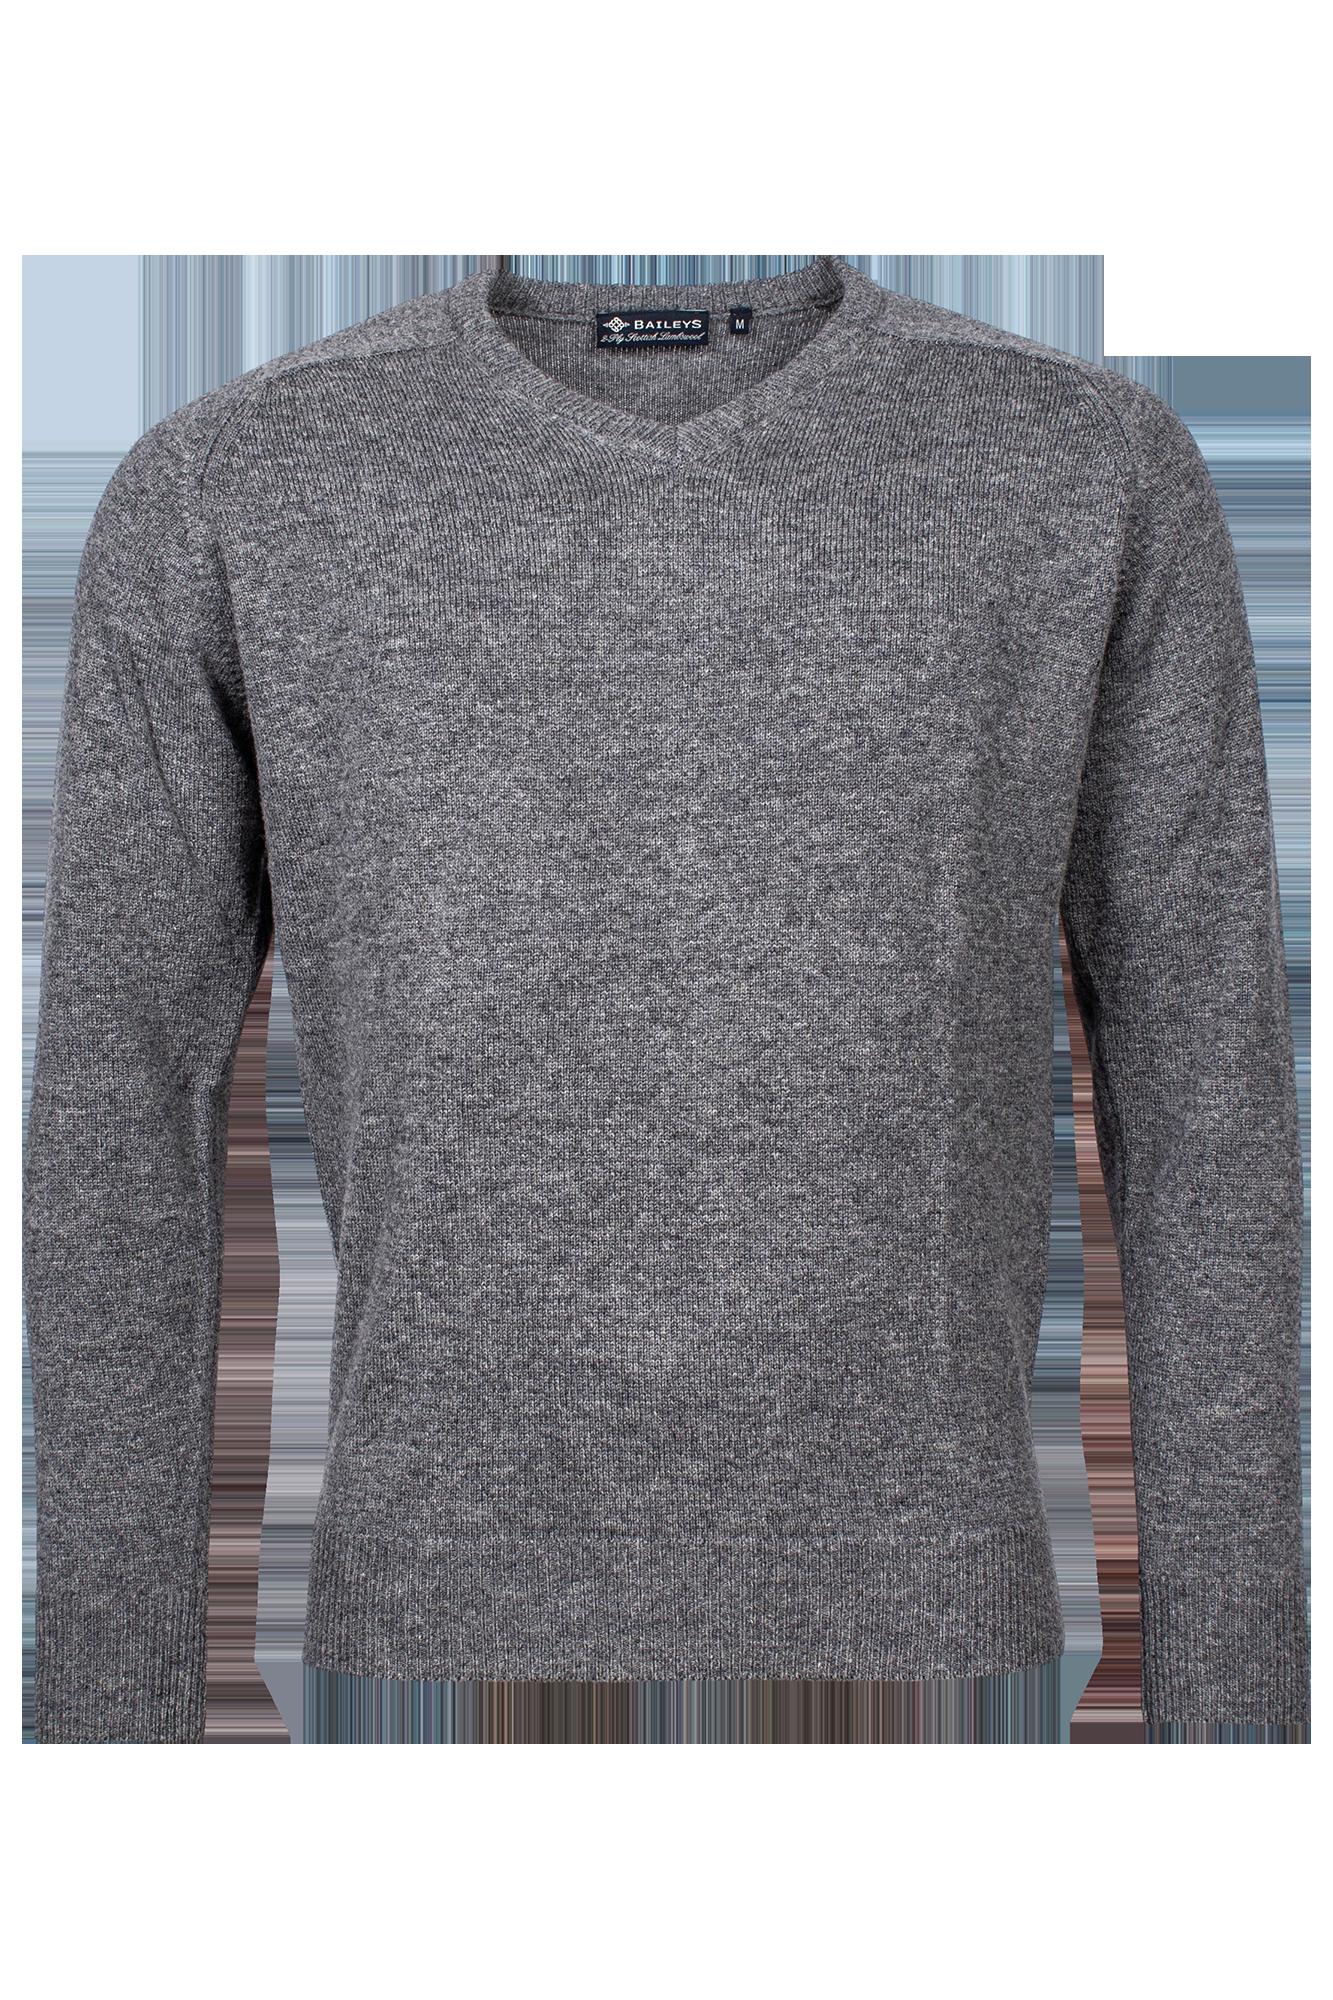 Baileys lamswollen pullover, v-hals, grijs